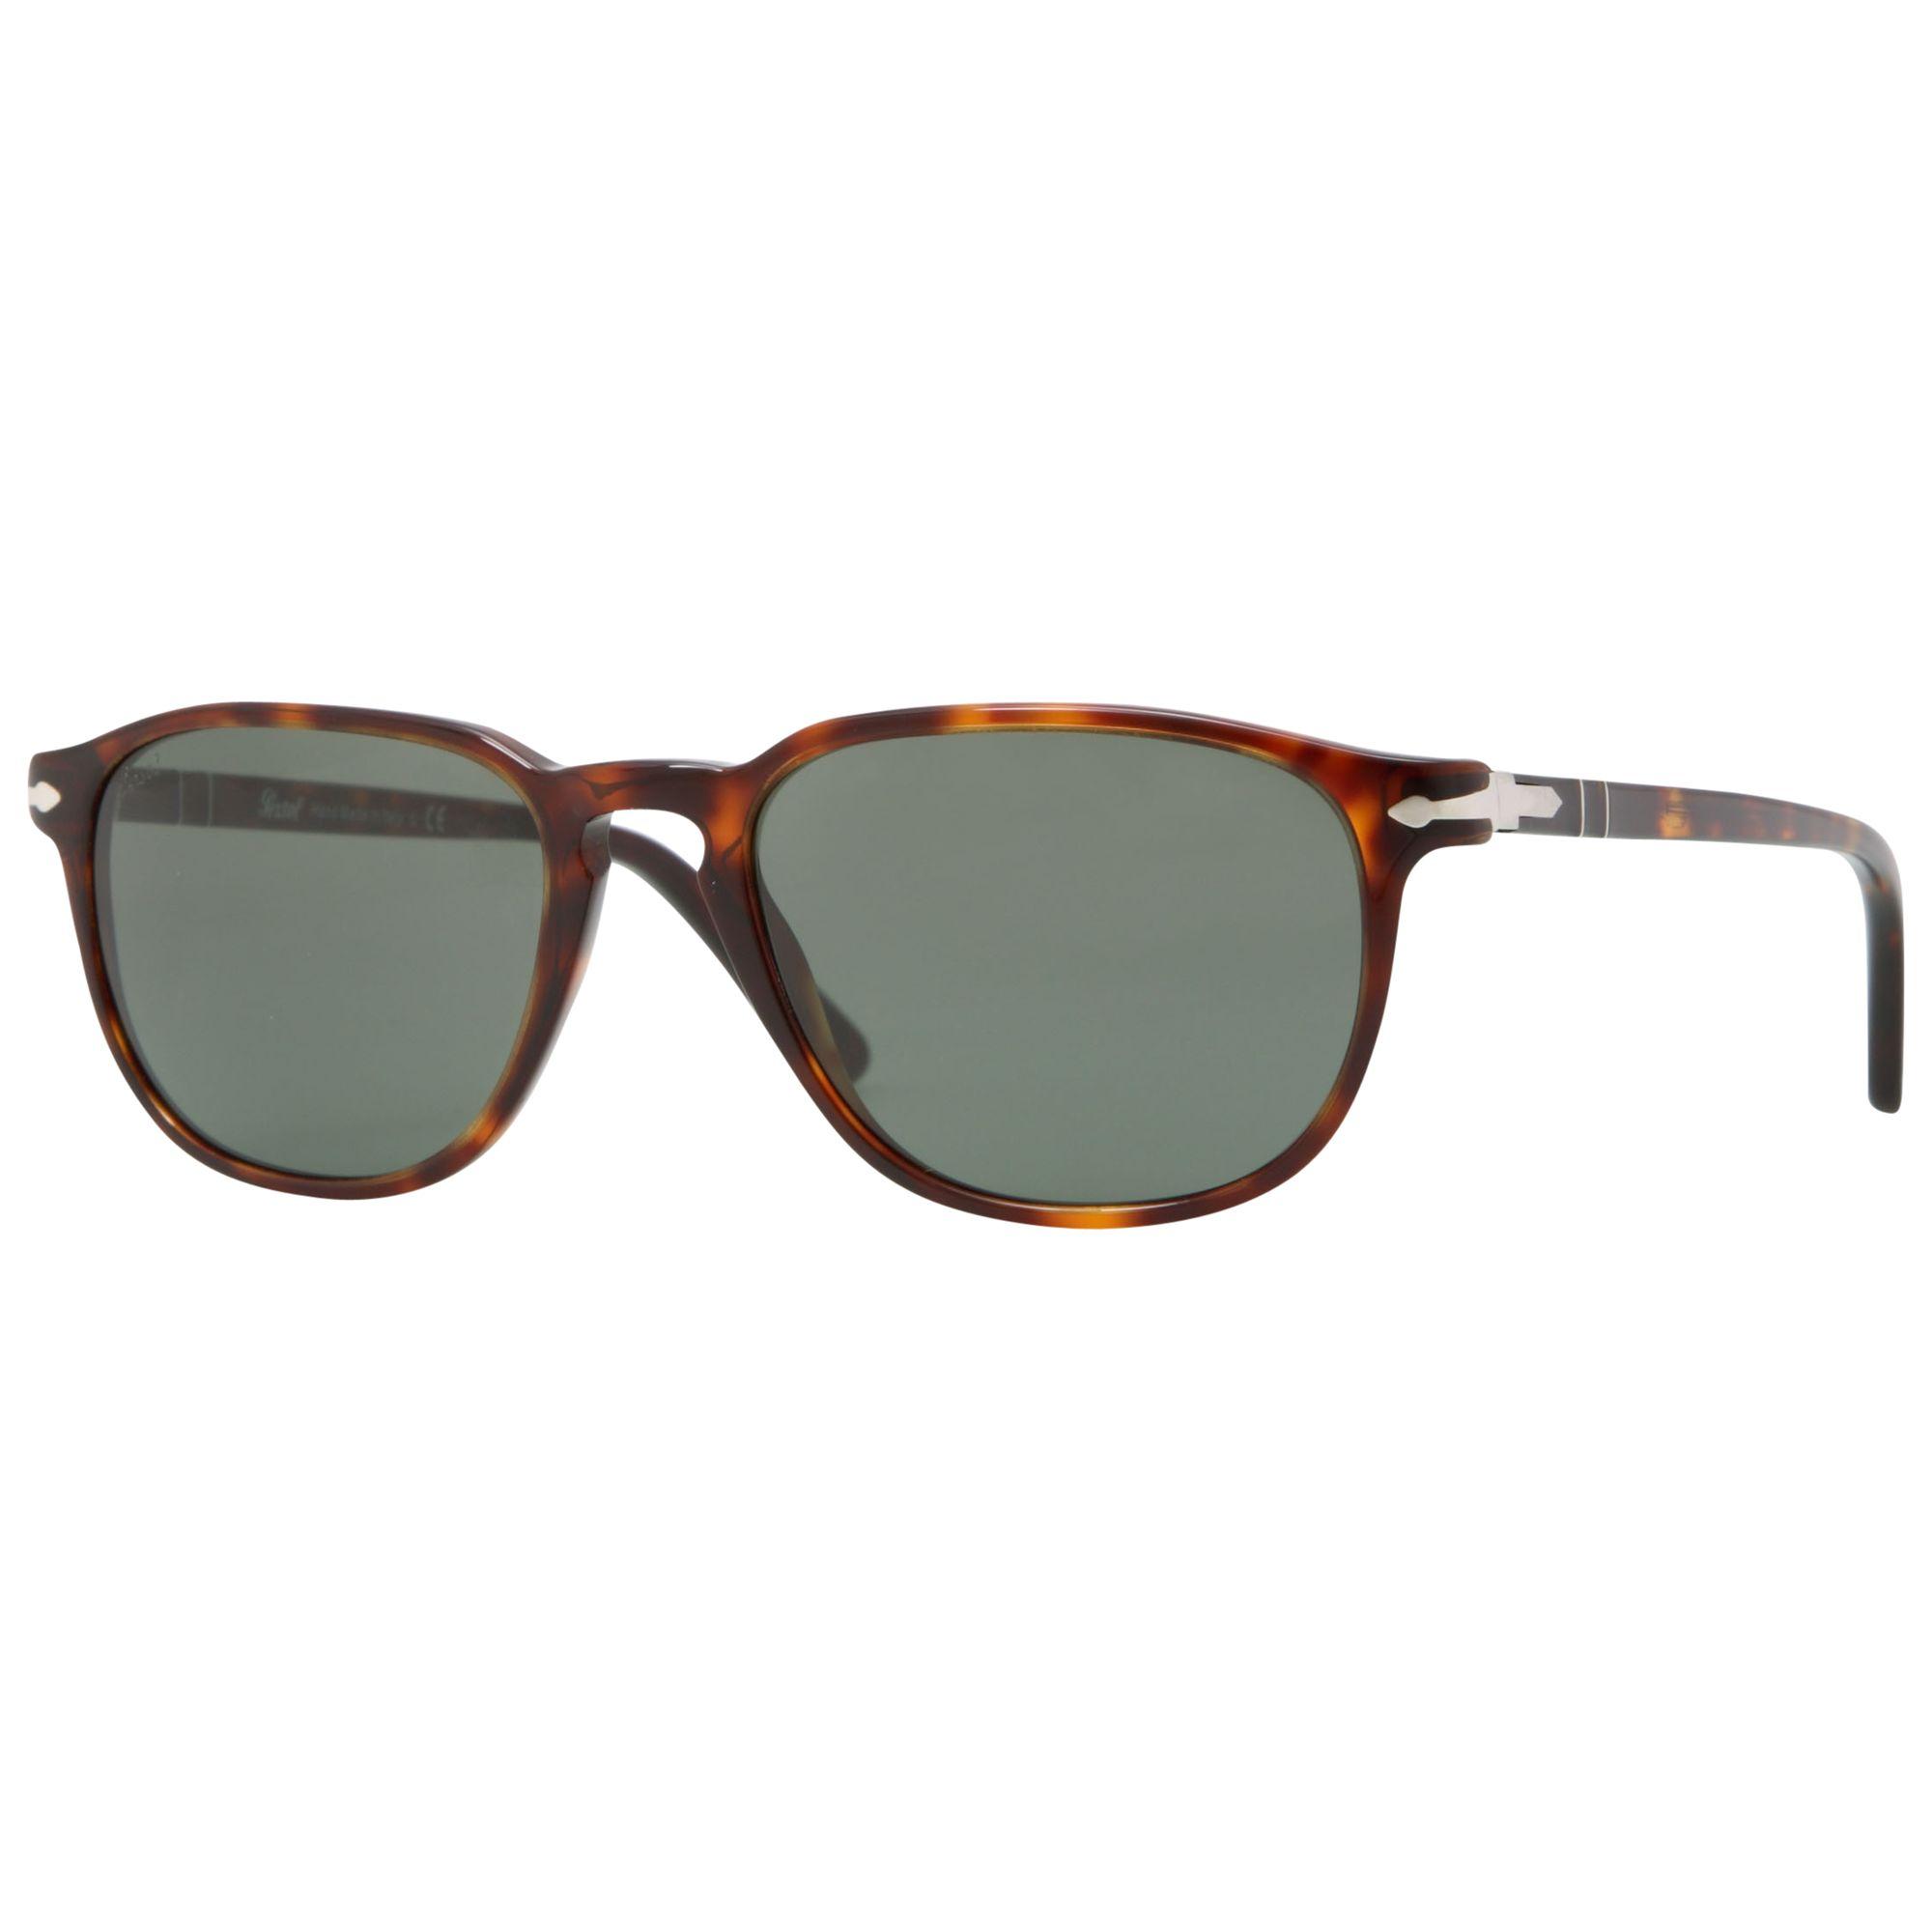 Persol Persol PO3019S Capri Square Sunglasses